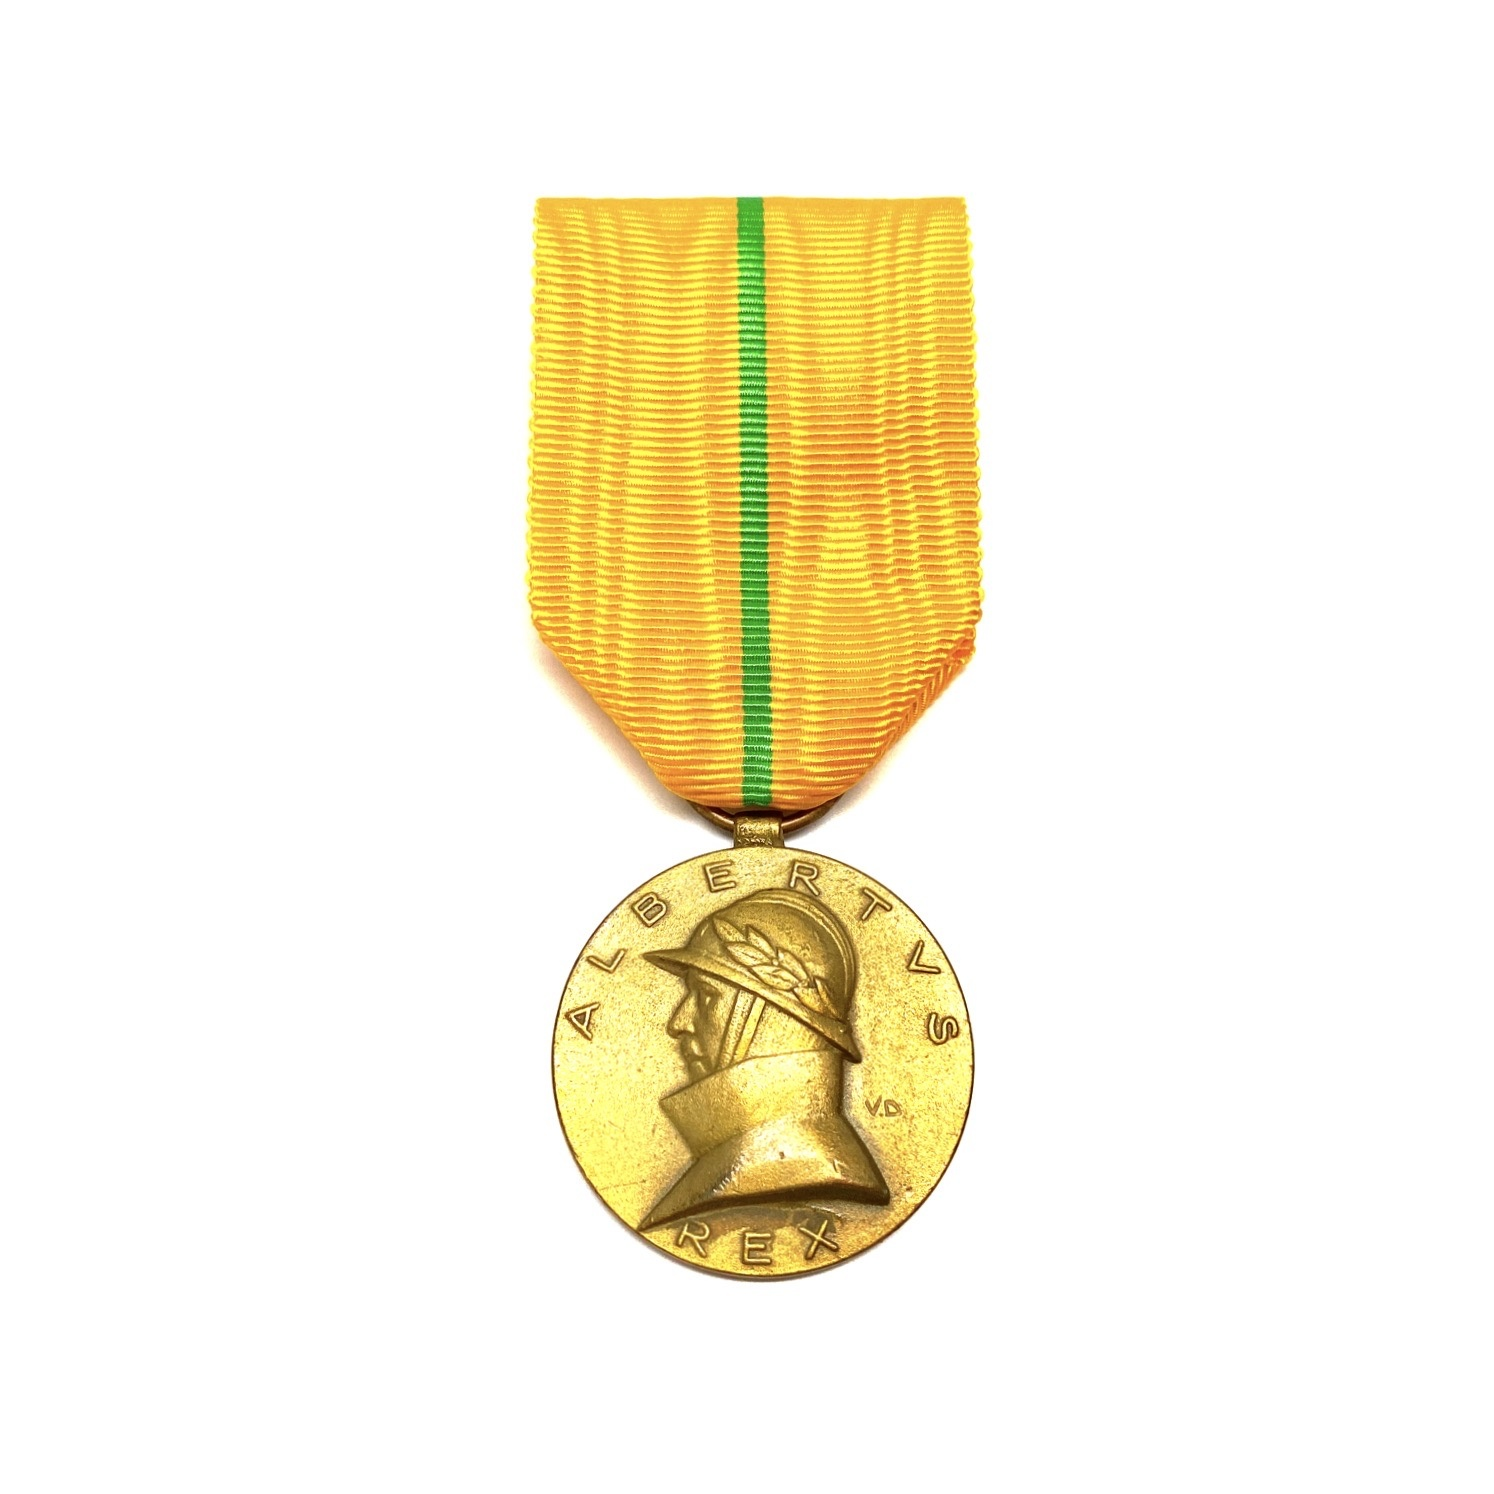 Médaille commémorative Albert I